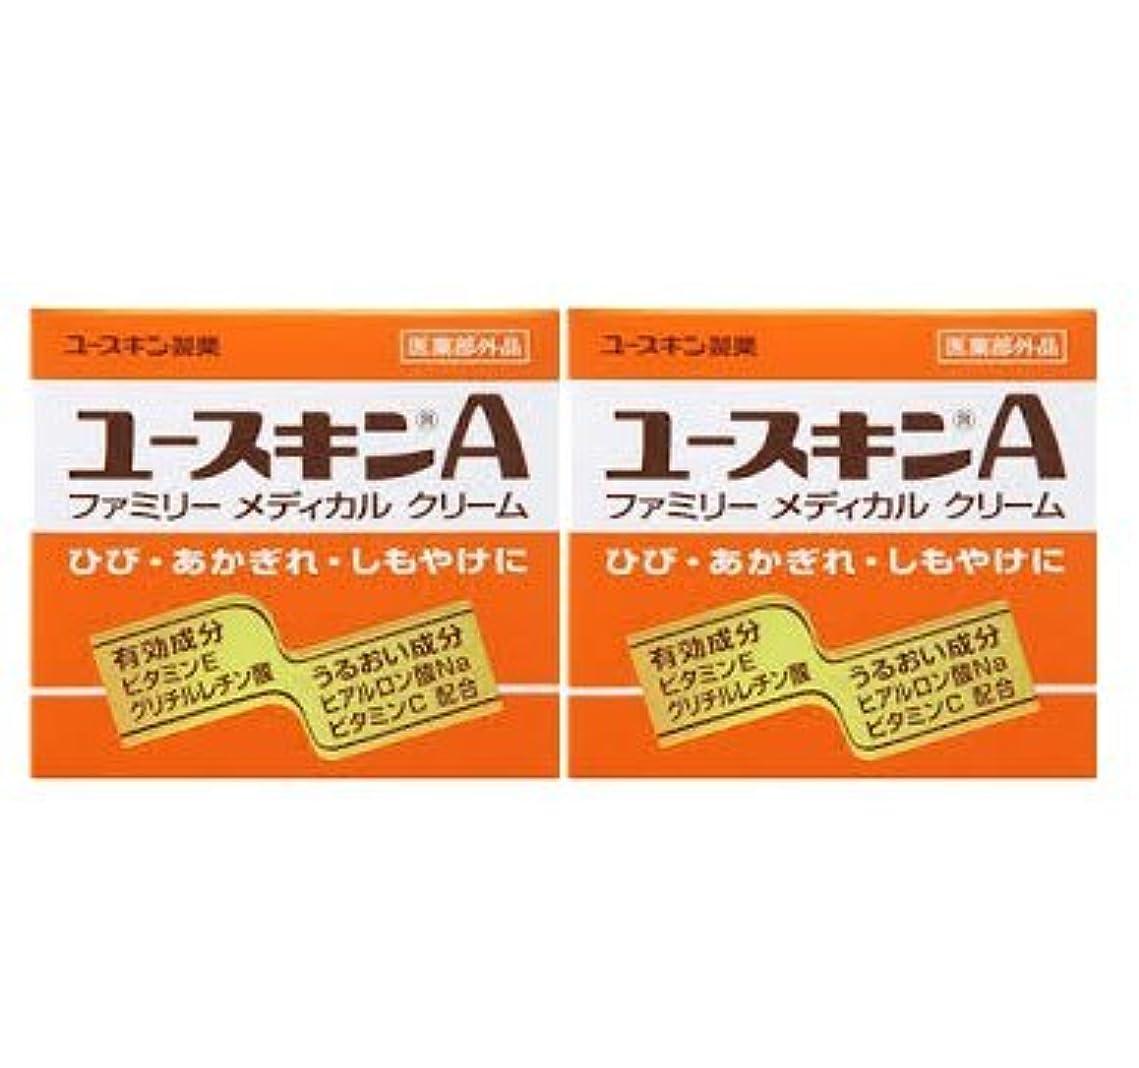 【2個セット】ユースキンA ( 120g ) ( ハンドクリーム )